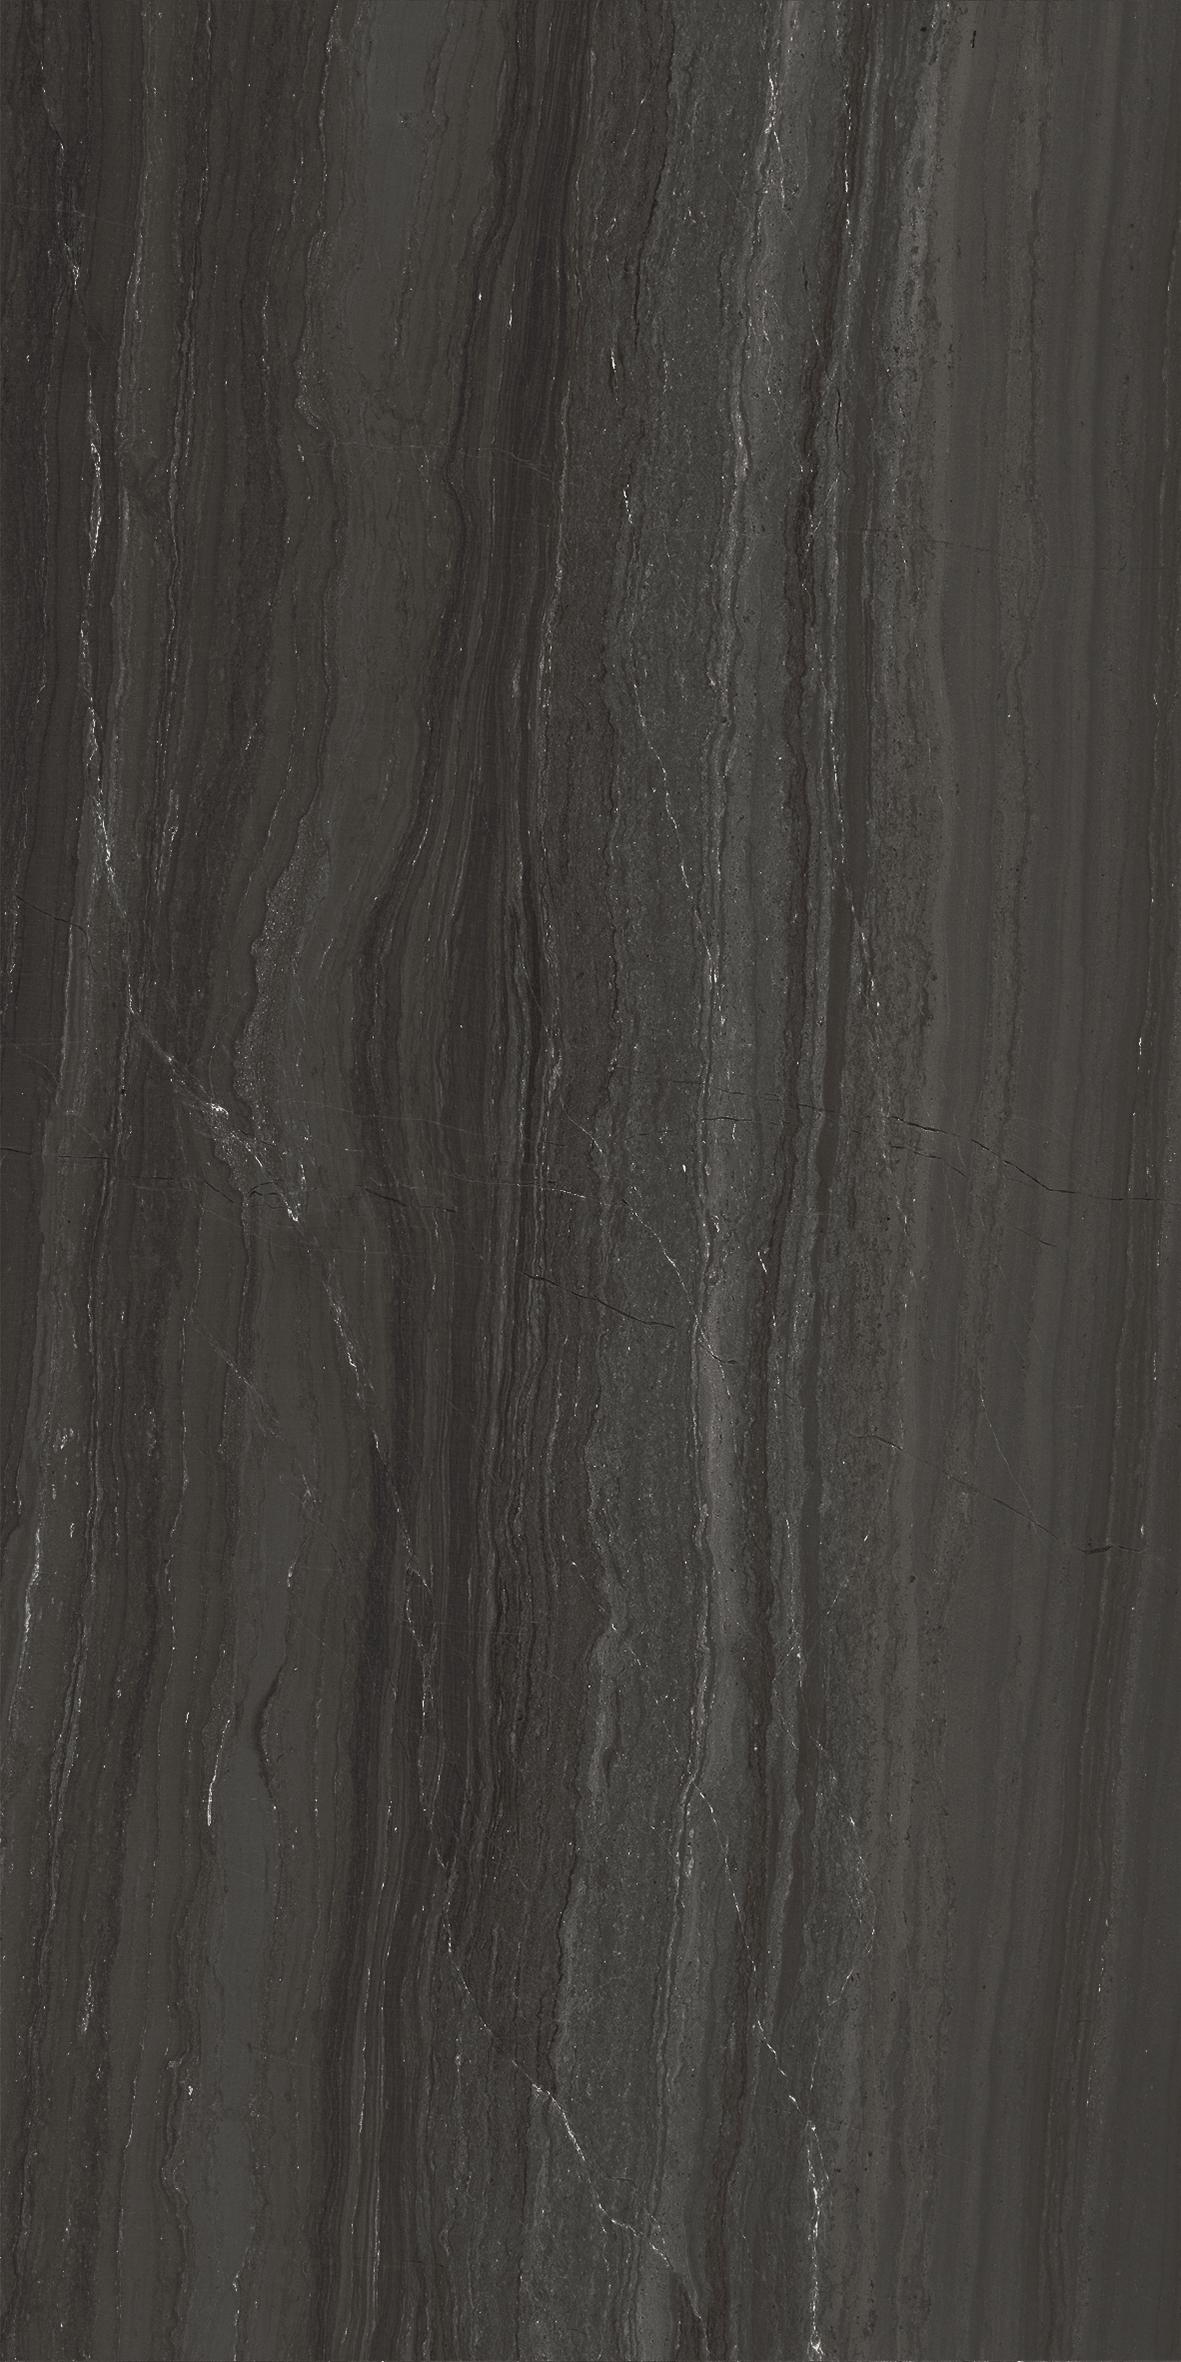 Highland sp hl black 1836 f12 USG1836201